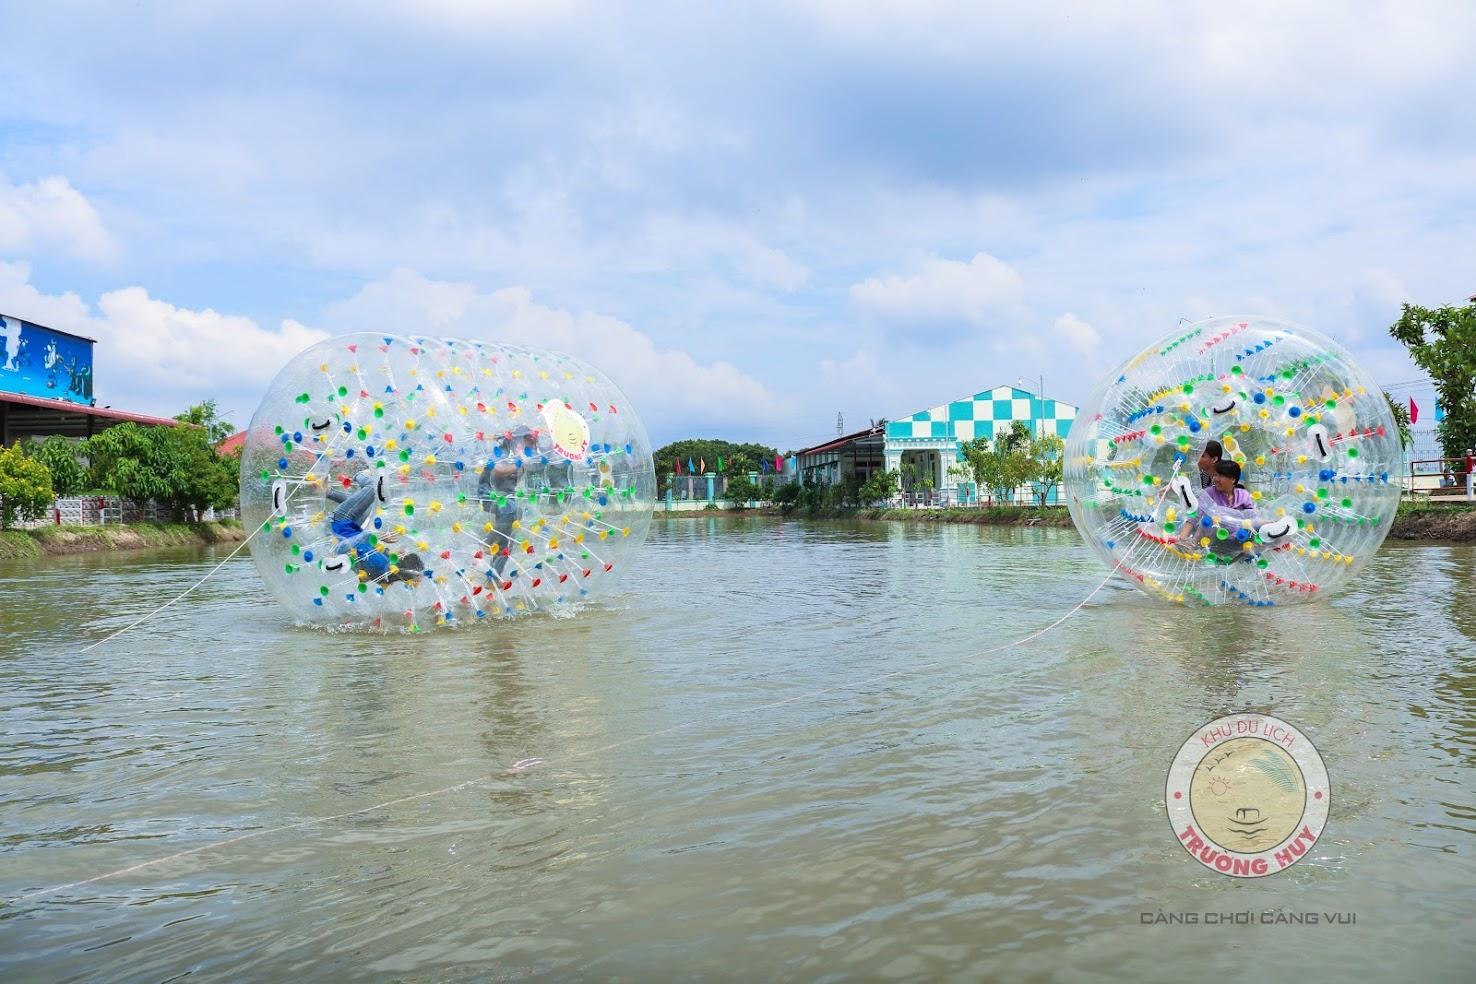 Bóng trụ lăn trên mặt nước